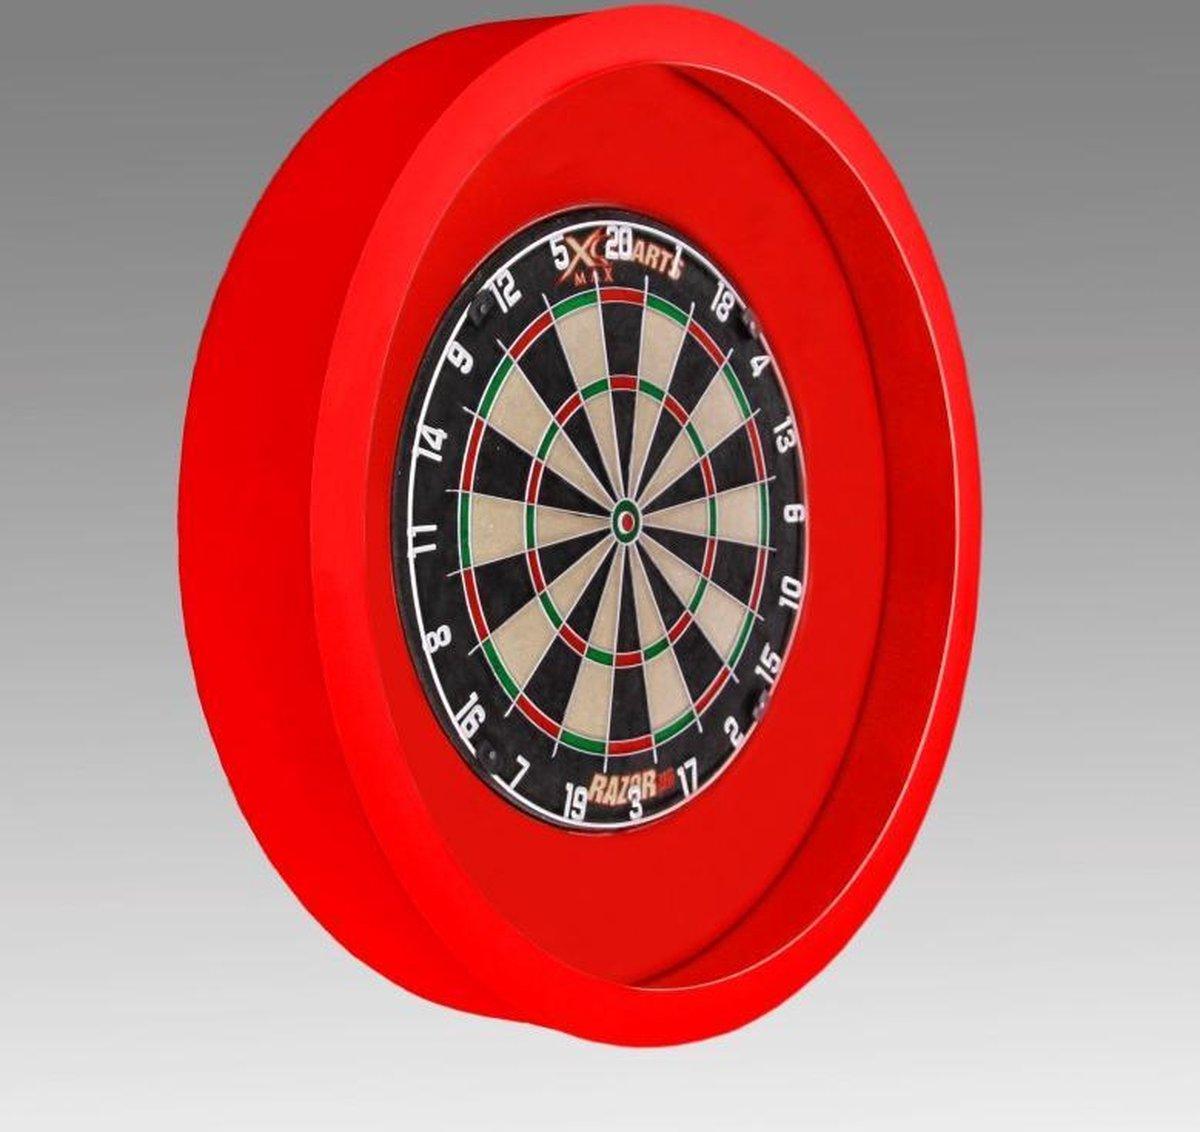 TCB Darts - Dartbord verlichting - voor om dartbord surround - Rood